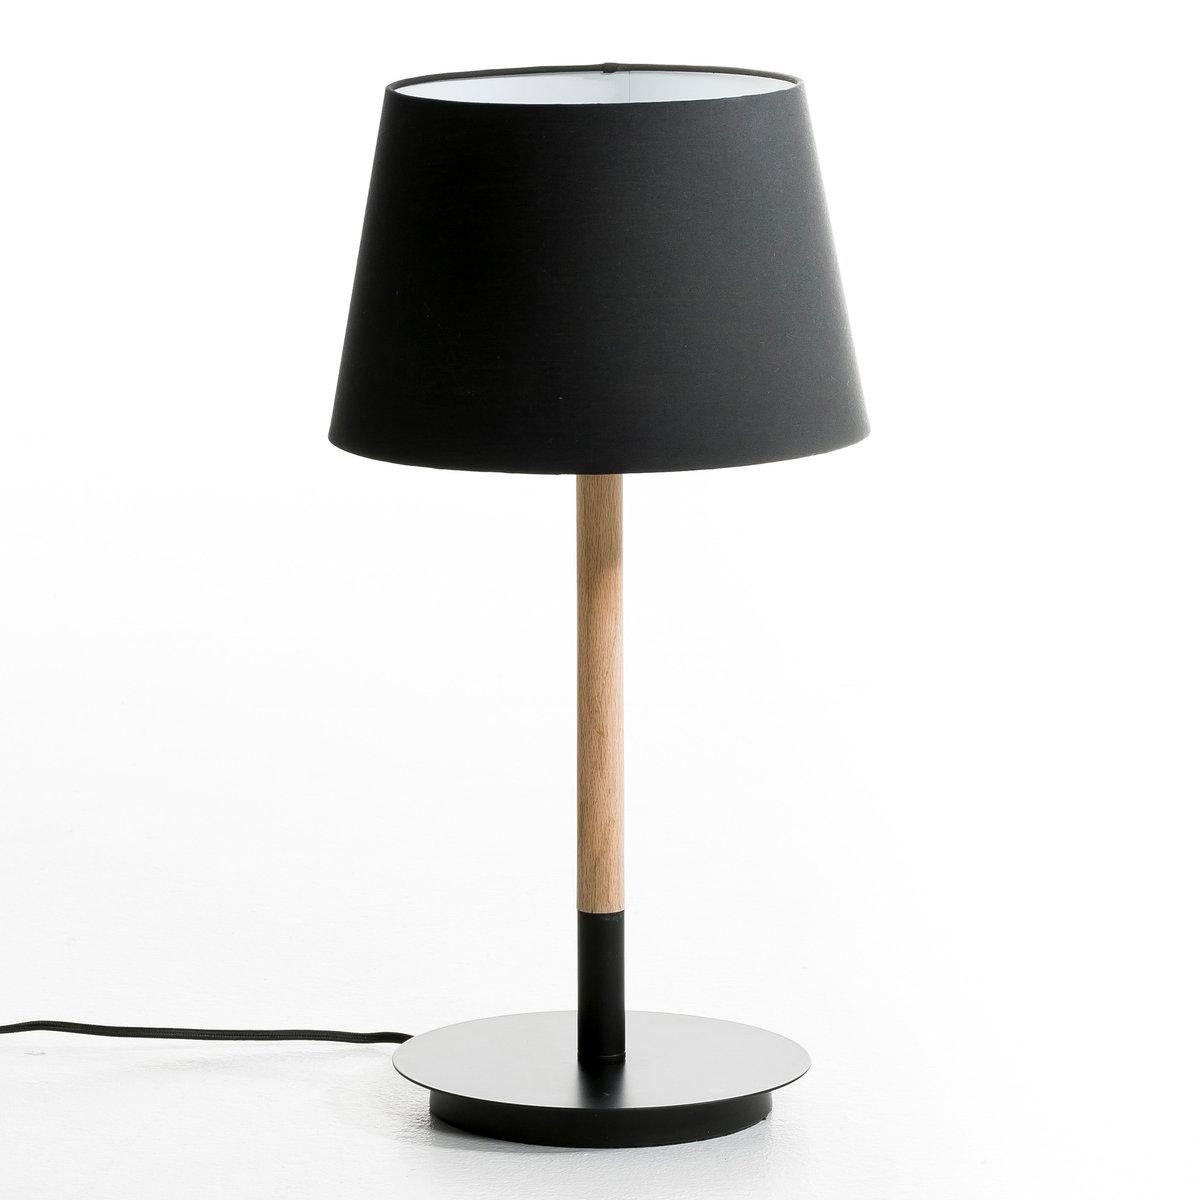 Лампа настольная StefanРоскошная настольная лампа из дуба и черного металла . Ножка из натурального дуба и металлический цоколь из черного металла (?22 см). Абажур из хлопковой ткани черного цвета ?28 см . высокий. 53 см. Патрон E27 для флюокомпактной лампочки 20W (не входит в комплект)  . Этот светильник совместим с лампочками    энергетического класса   A .Это изделие может подойти для детской комнаты ( с 14 лет) в зависимости от действующих норм  .<br><br>Цвет: дуб/белый,дуб/черный